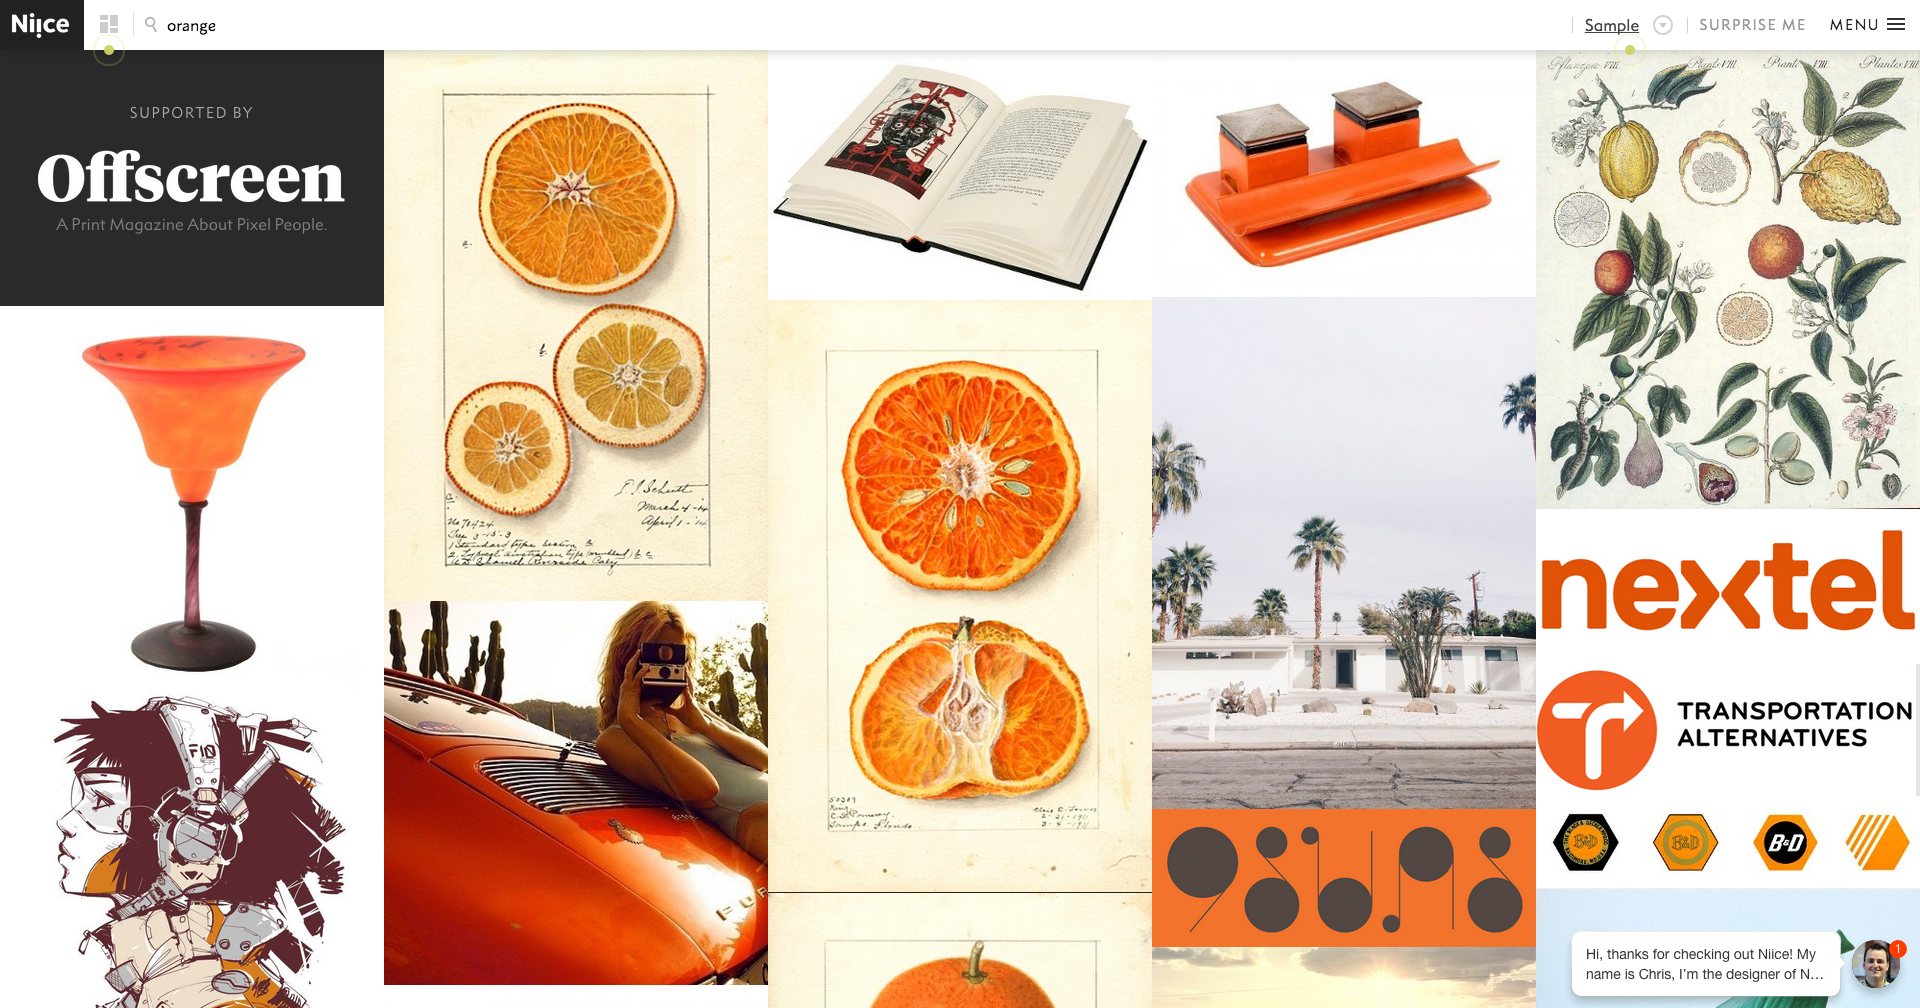 Cómo crear Moodboards: 5 herramientas para visualizar ideas